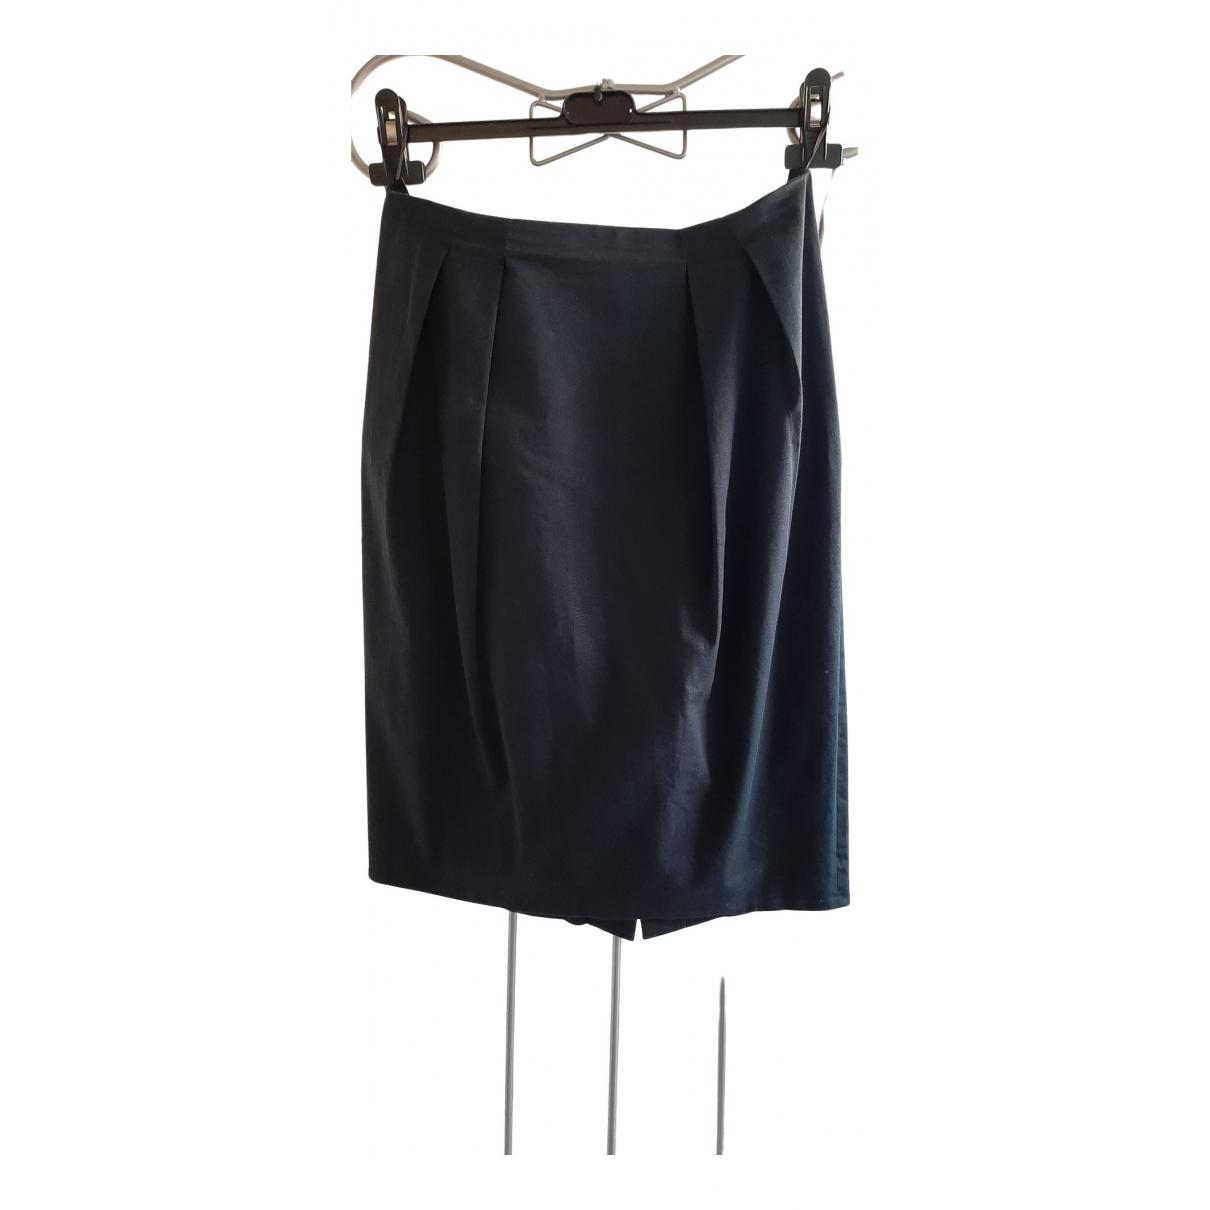 Prada \N Black Cotton skirt for Women M International